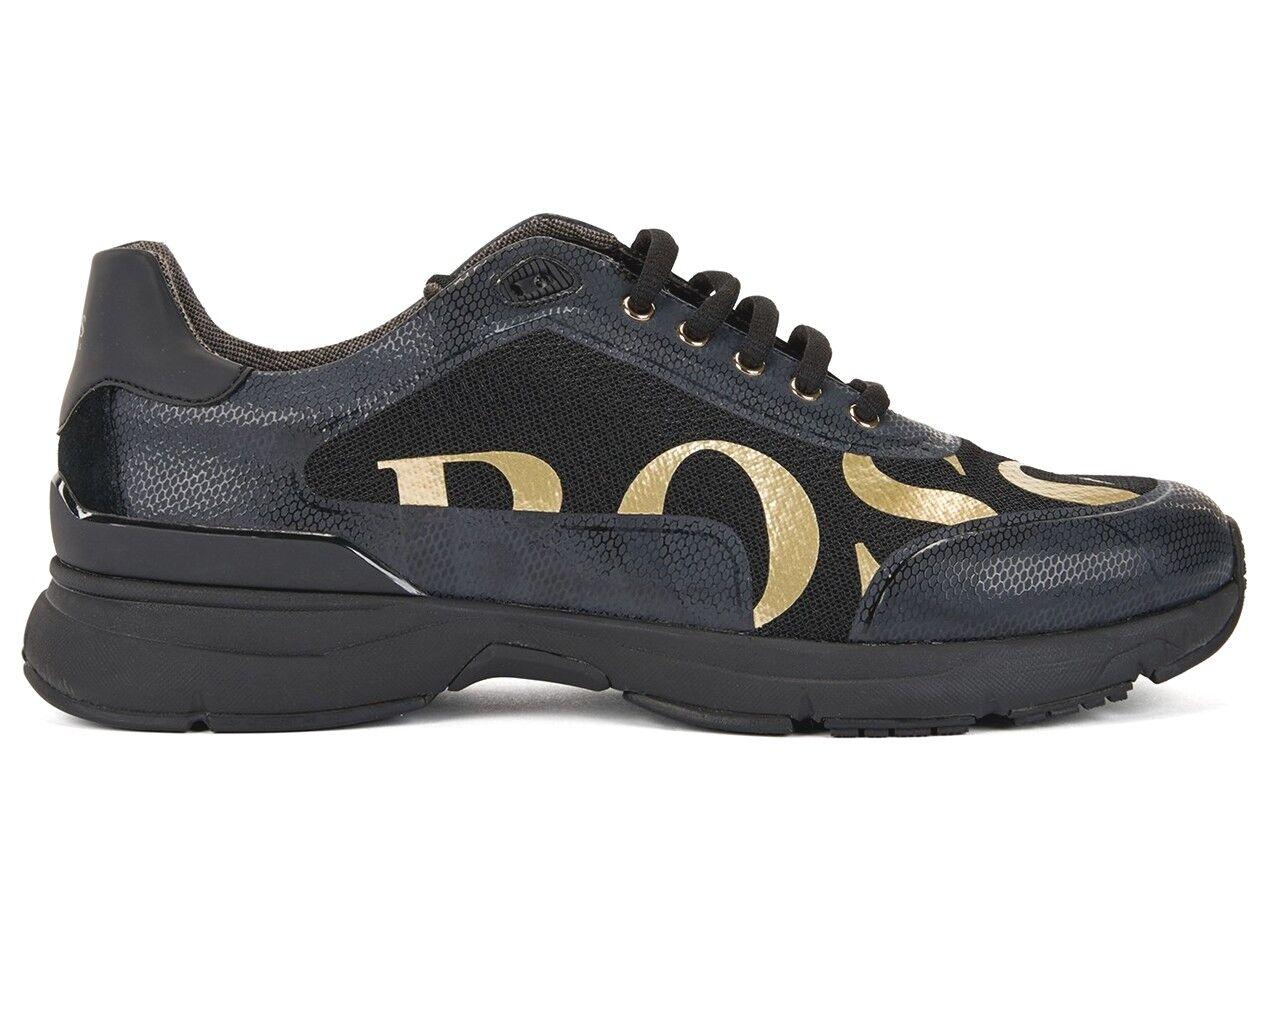 Hugo Boss Velocity Runn Logo2 50397613 002 Herren Turnschuhe Schwarz Gold Gold Schwarz Schuhe 5a561e